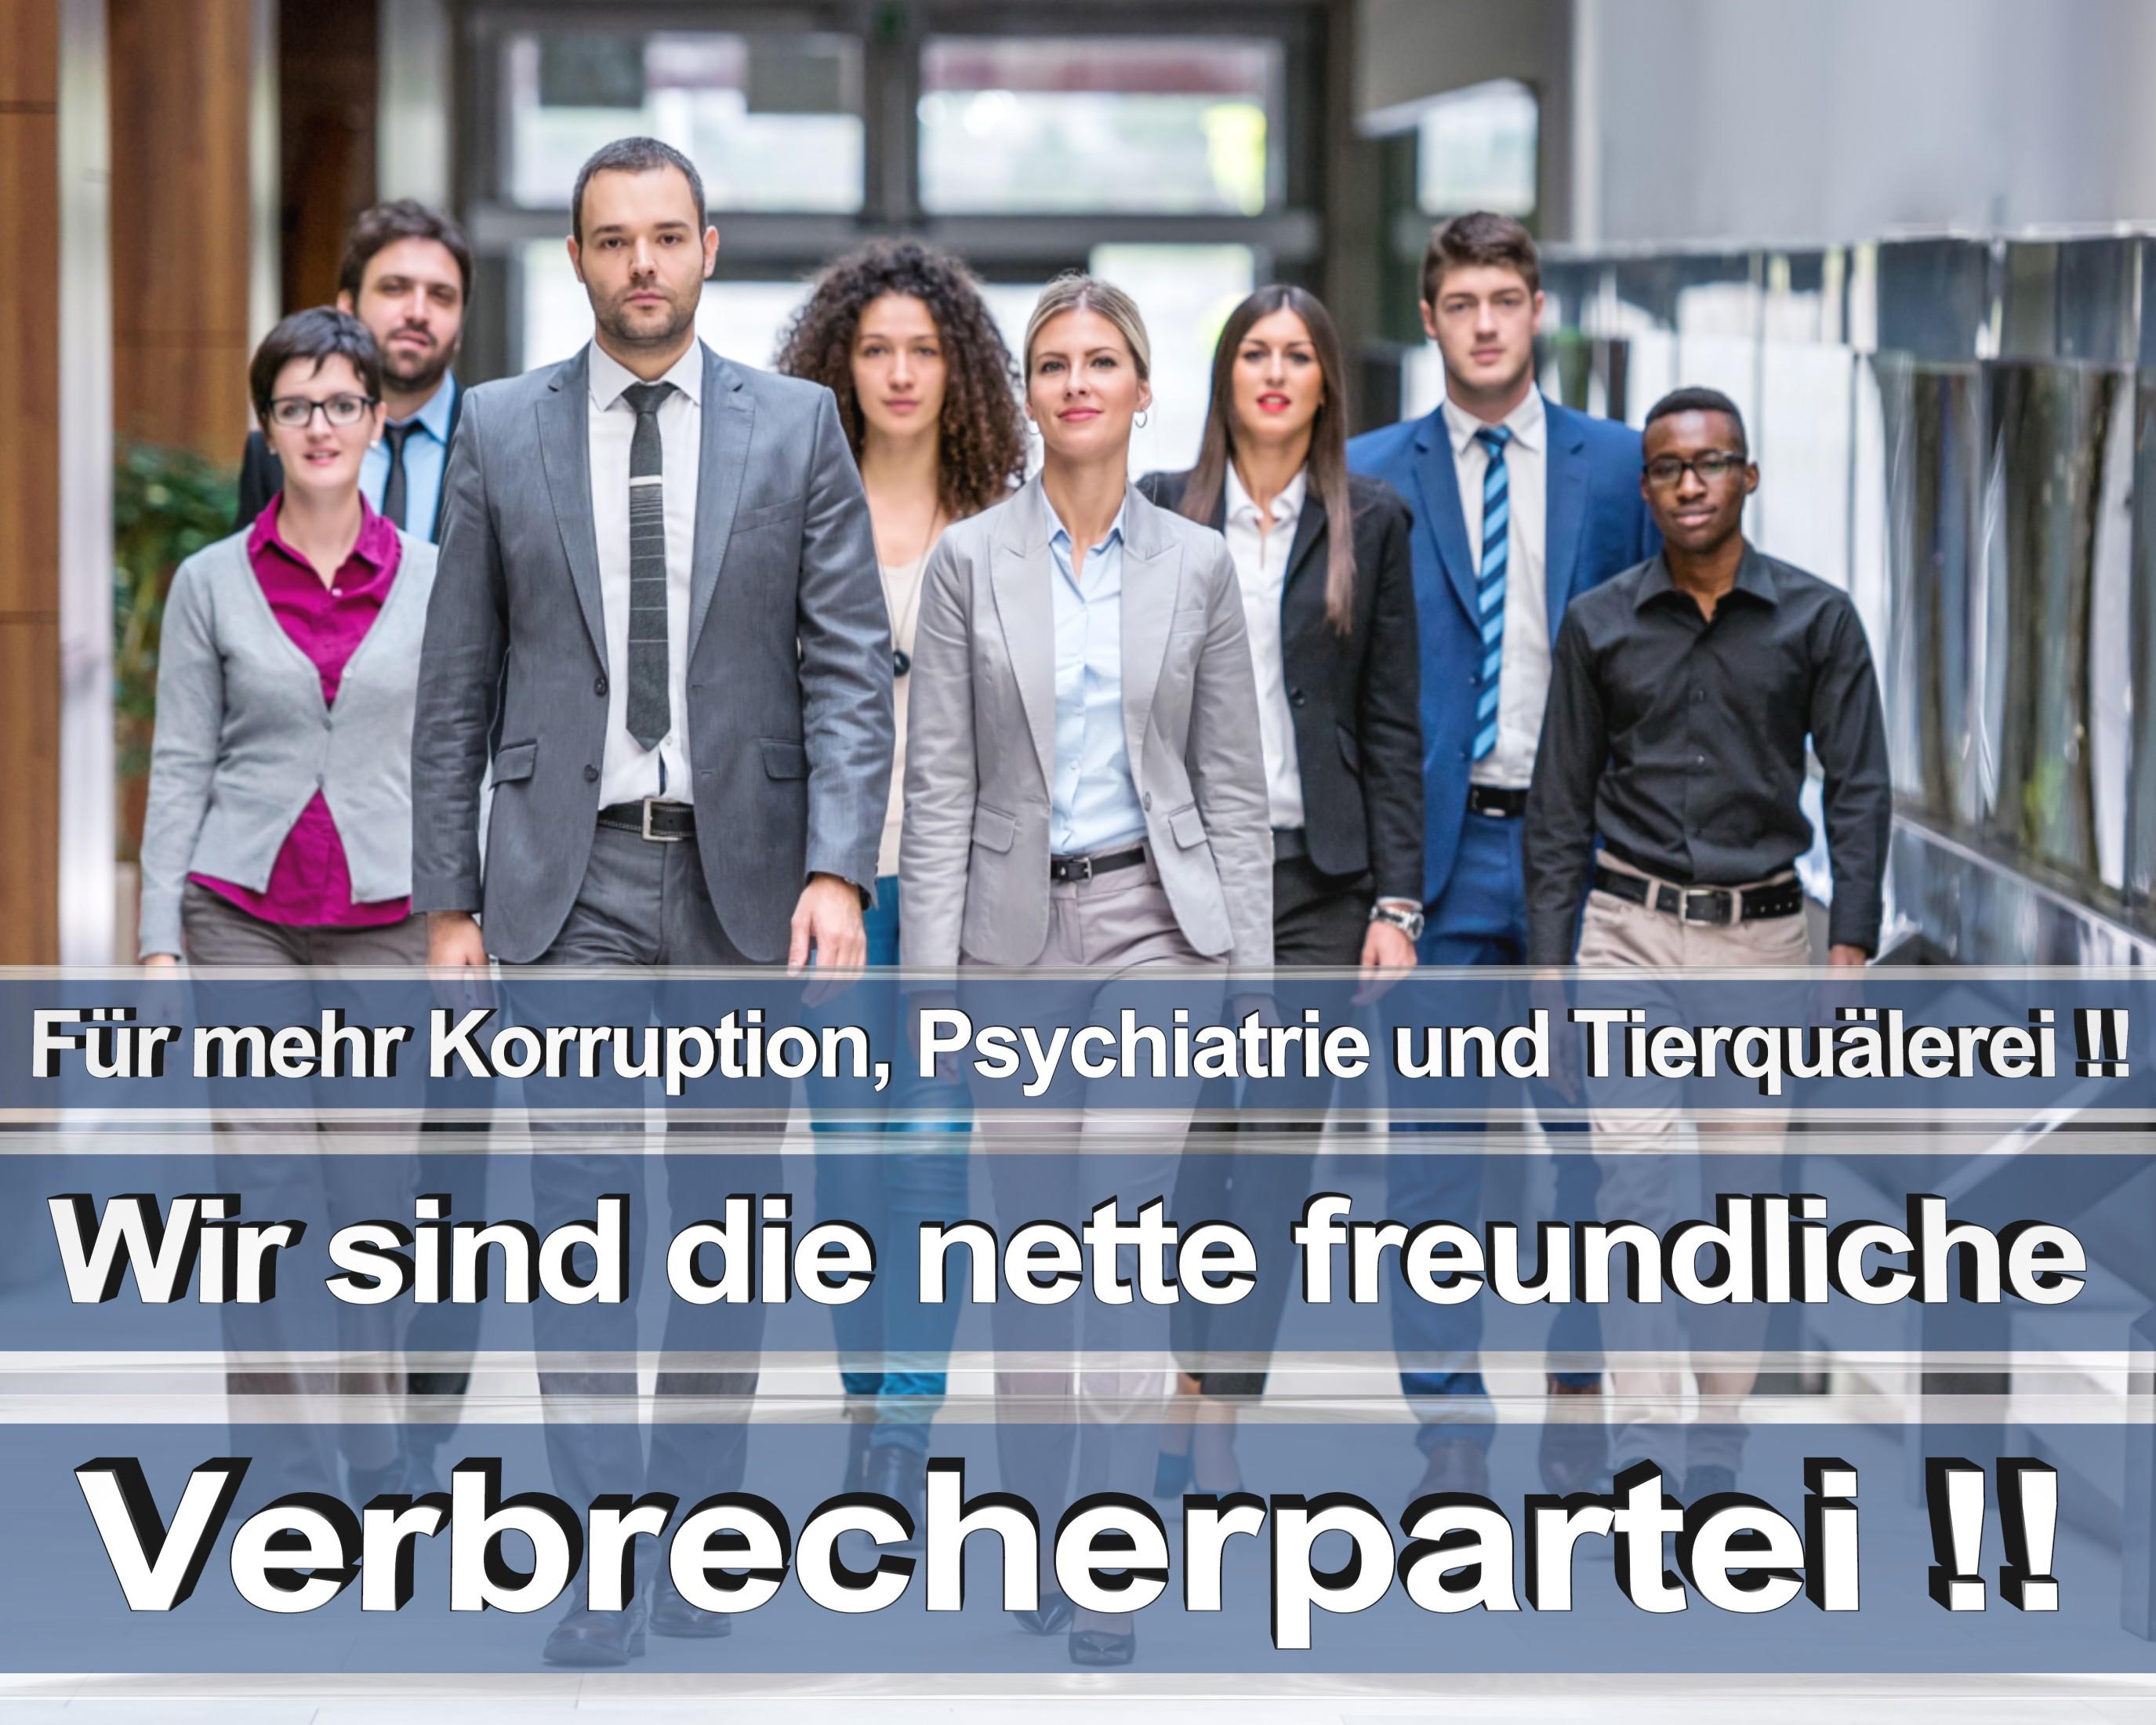 SPD Bielefeld Ortsverband, Geschäftsstelle, Rat, Ratsmitglieder, Vorstand Wiebke Esdar, Ann Katrin Brambrink, Regina Kopp Herr MdL (12)